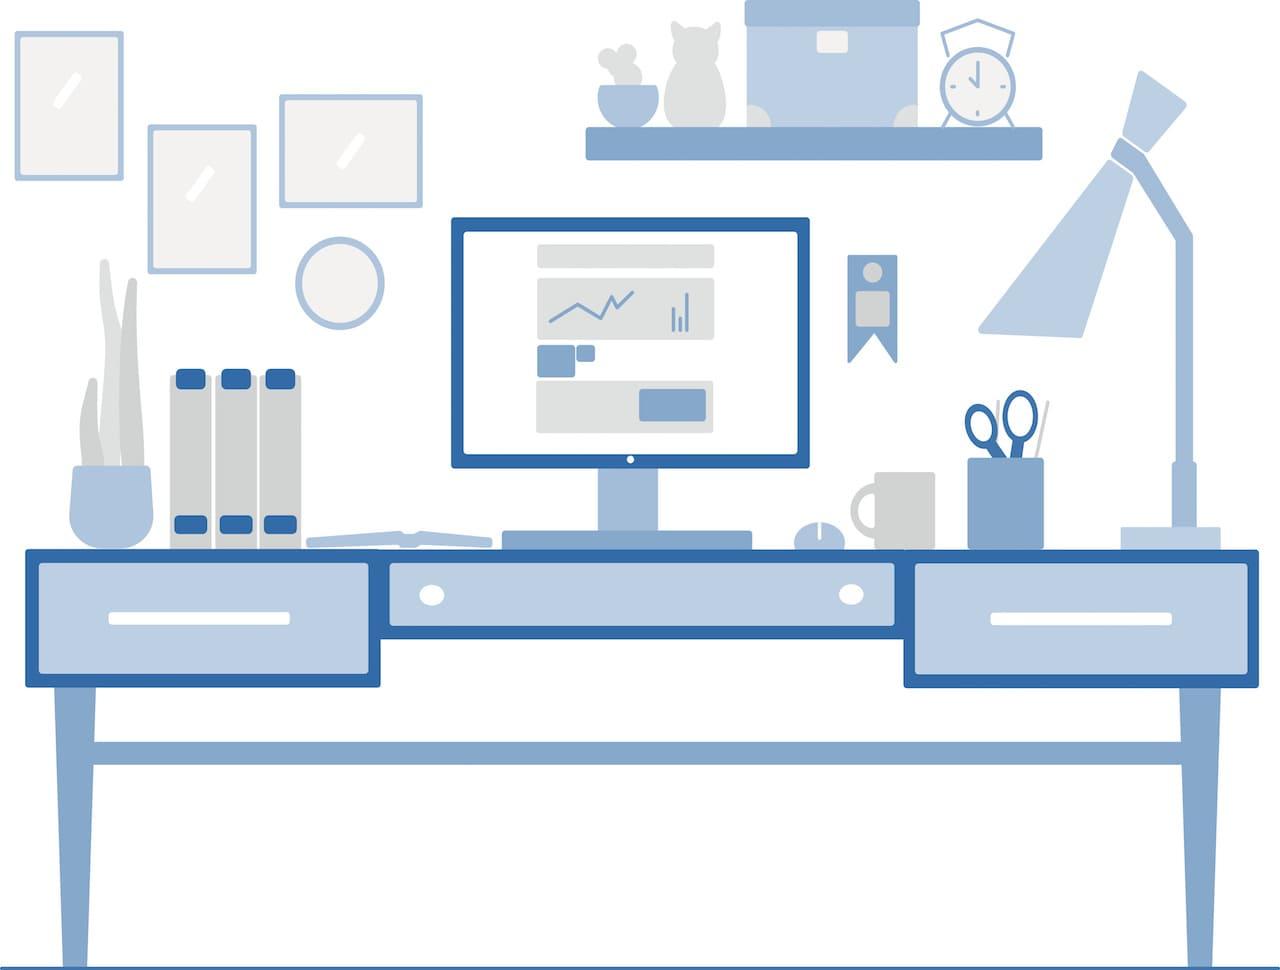 Windows10のバージョン確認方法と最新バージョンにする方法